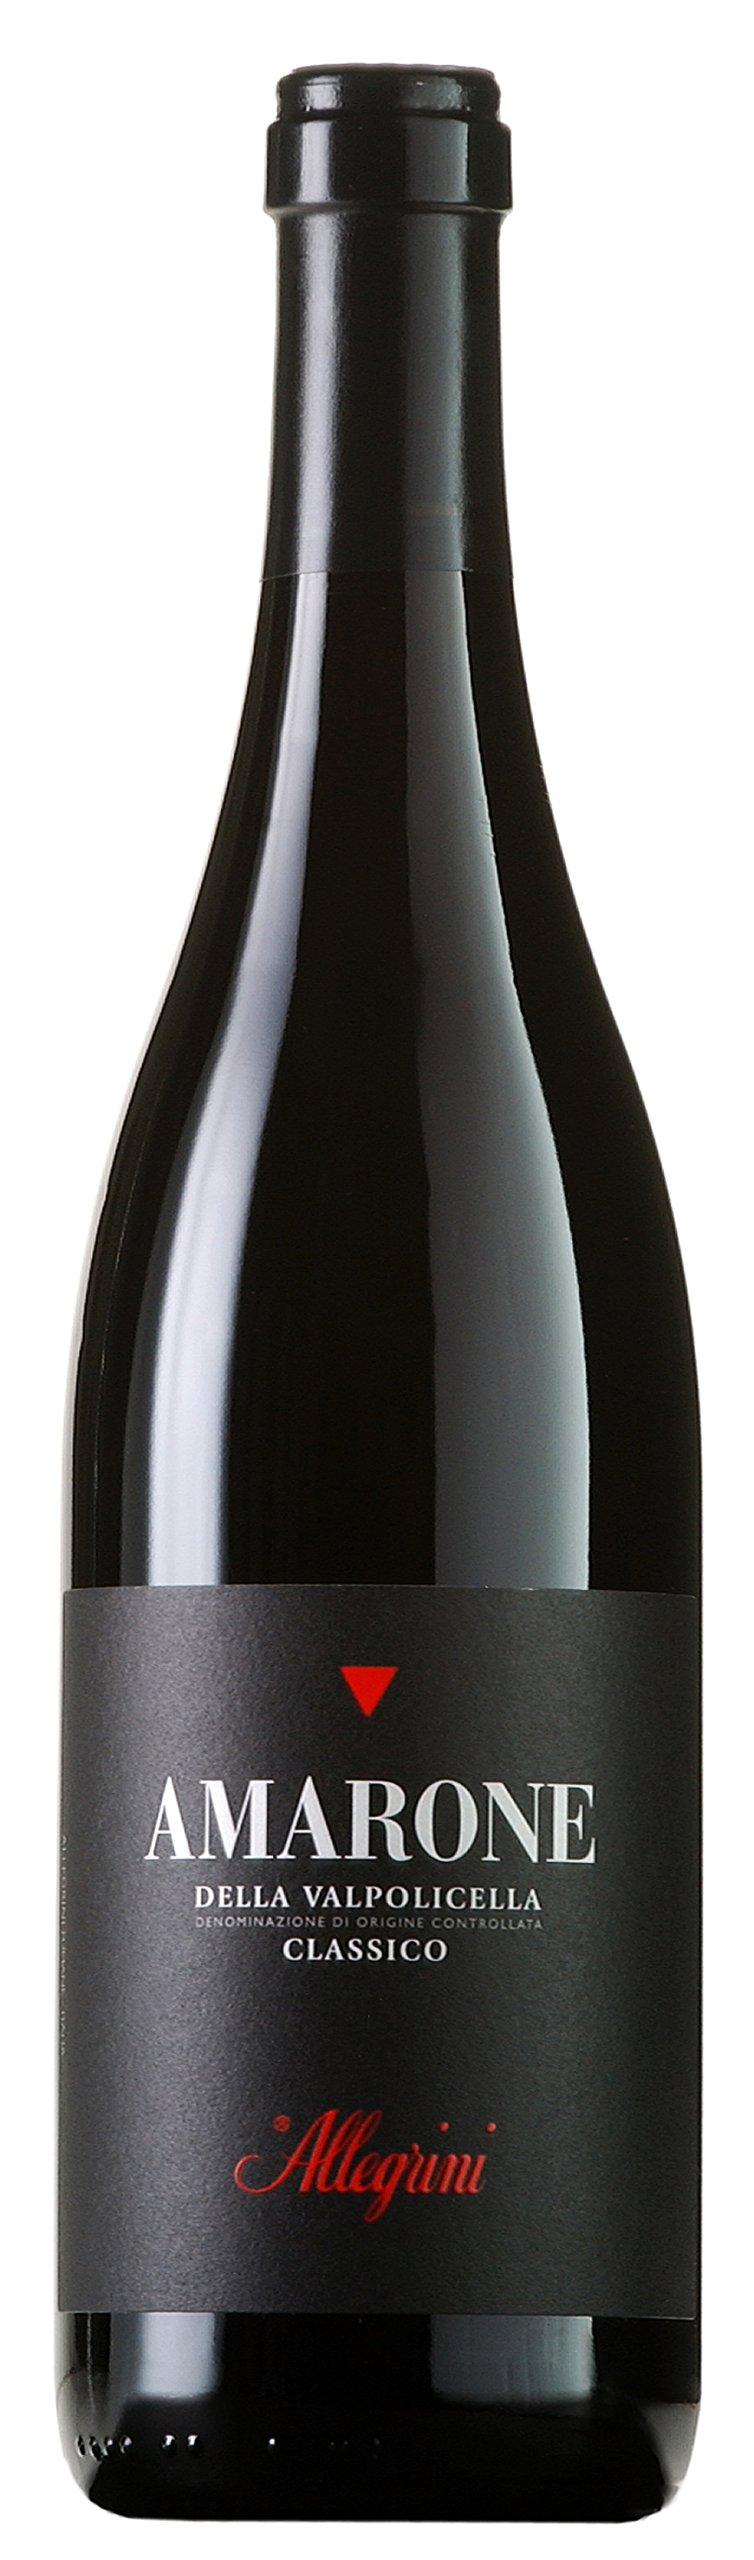 Allegrini-Amarone-della-Valpolicella-DOC-20122013-trocken-1-x-075-l